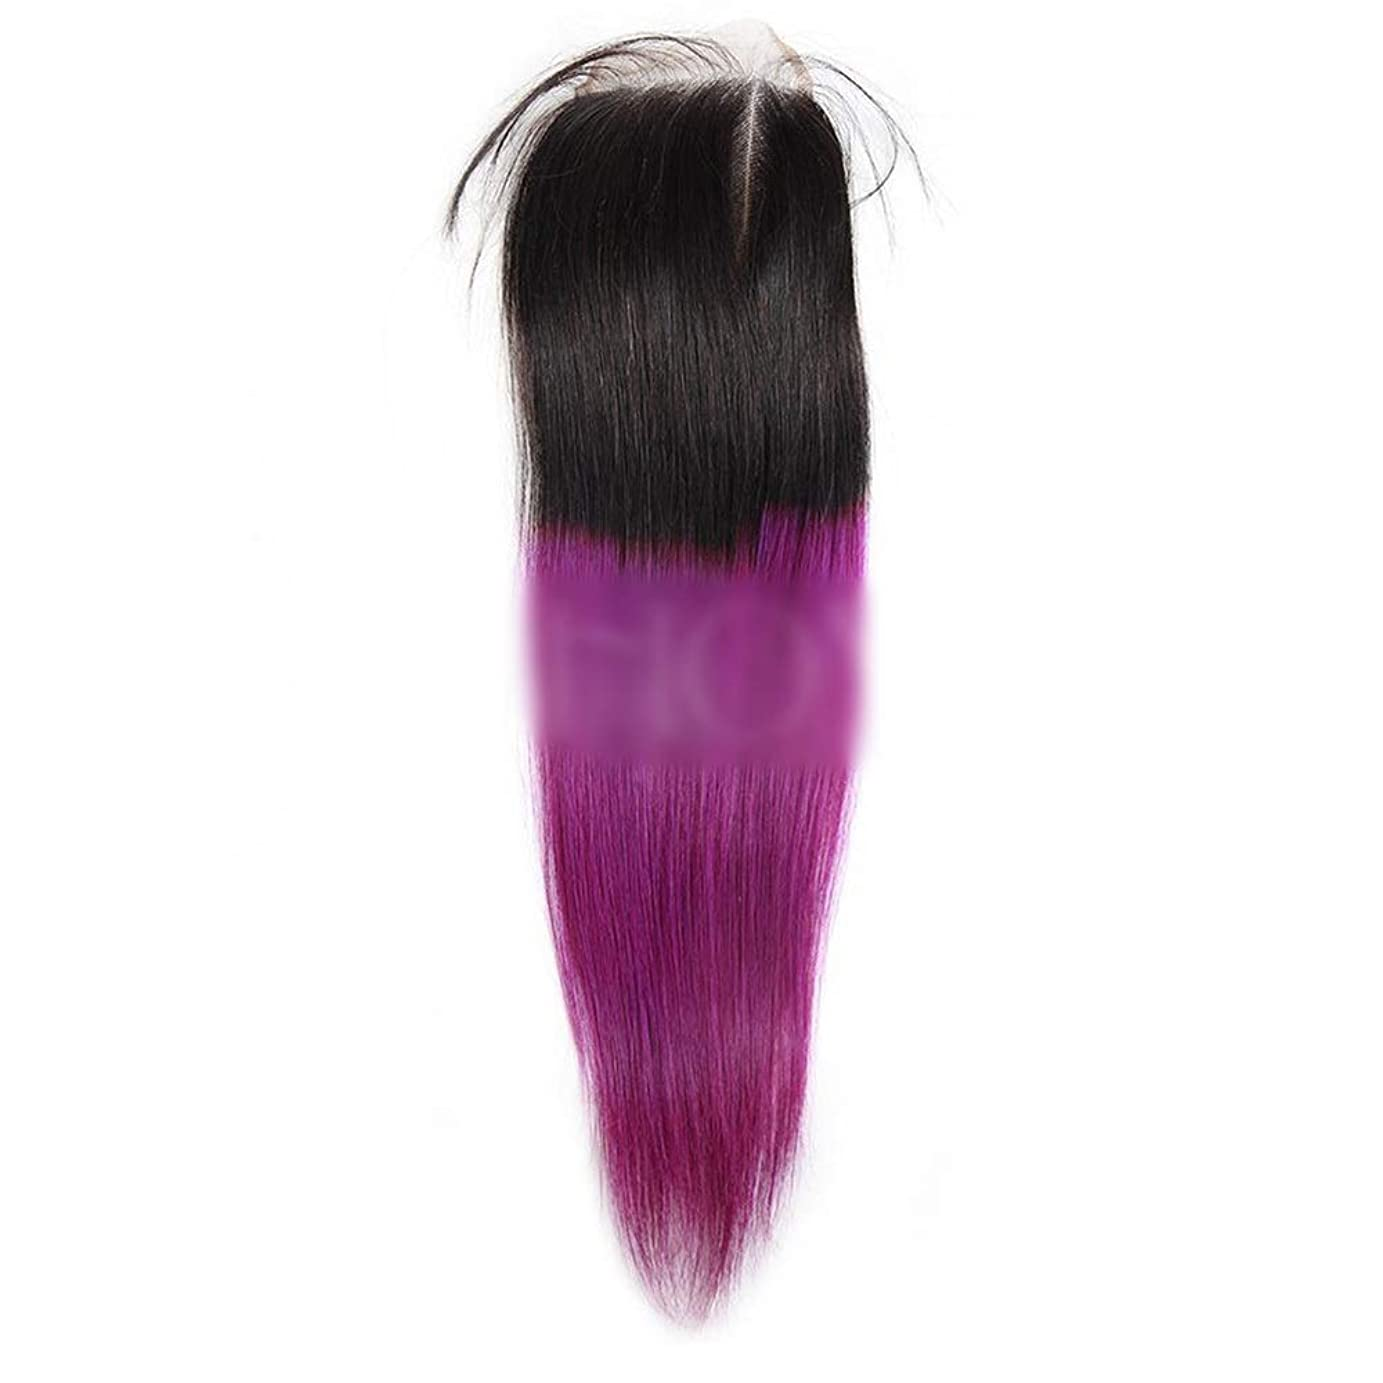 ルーム気絶させるバリーHOHYLLYA 100%人間の髪の毛のブラジルストレートヘアトリートメント前頭閉鎖T1B /パープル2トーンカラーロールプレイングかつら女性のかつら (色 : Closure, サイズ : 12 inch)